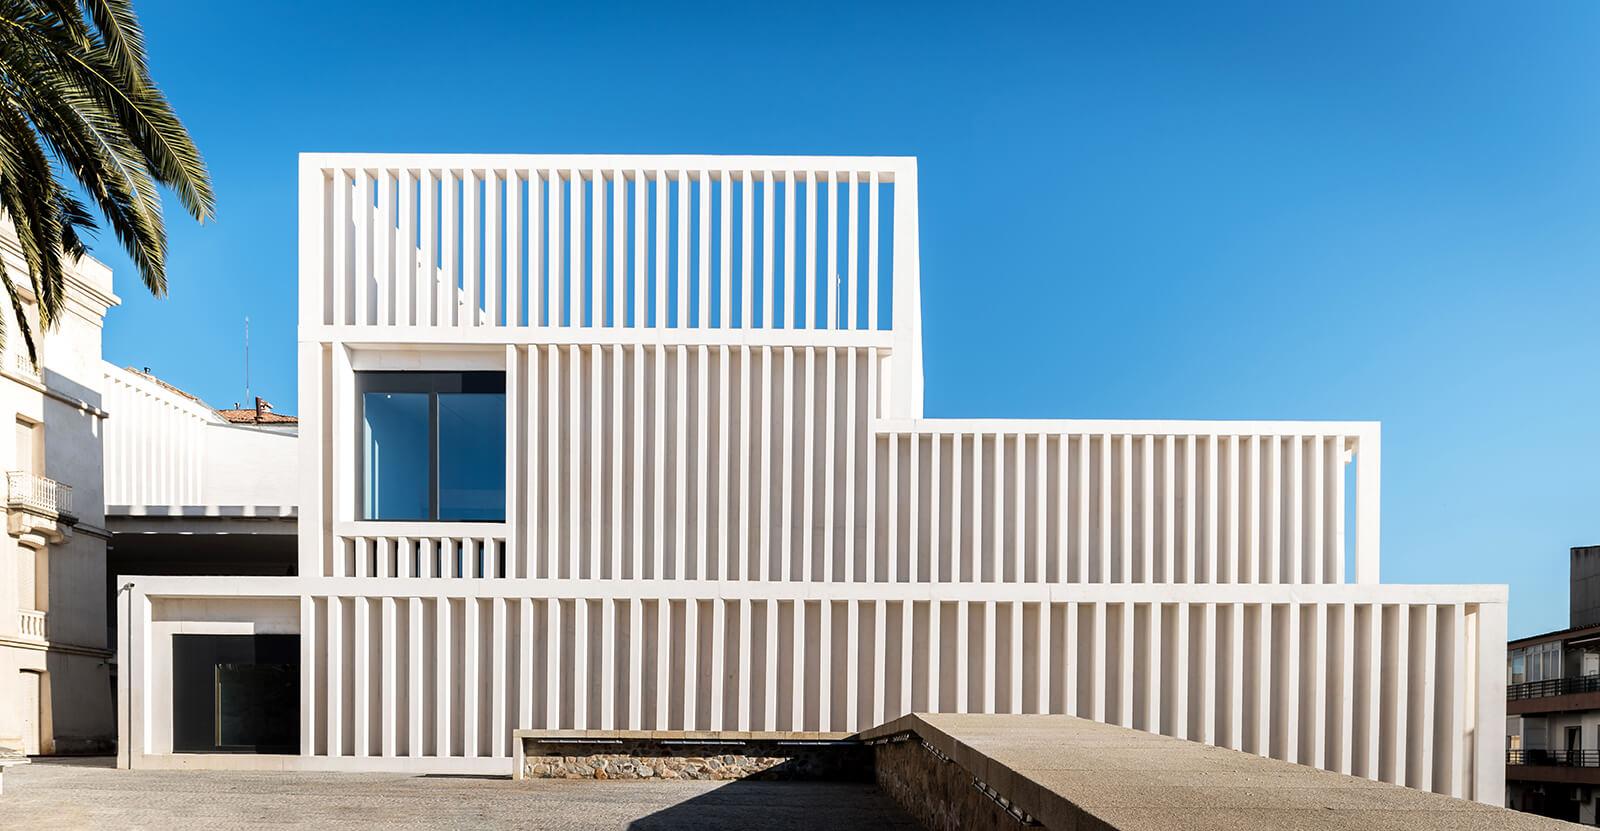 Museo de Arte Contemporáneo Helga de Alvear  - 00 30